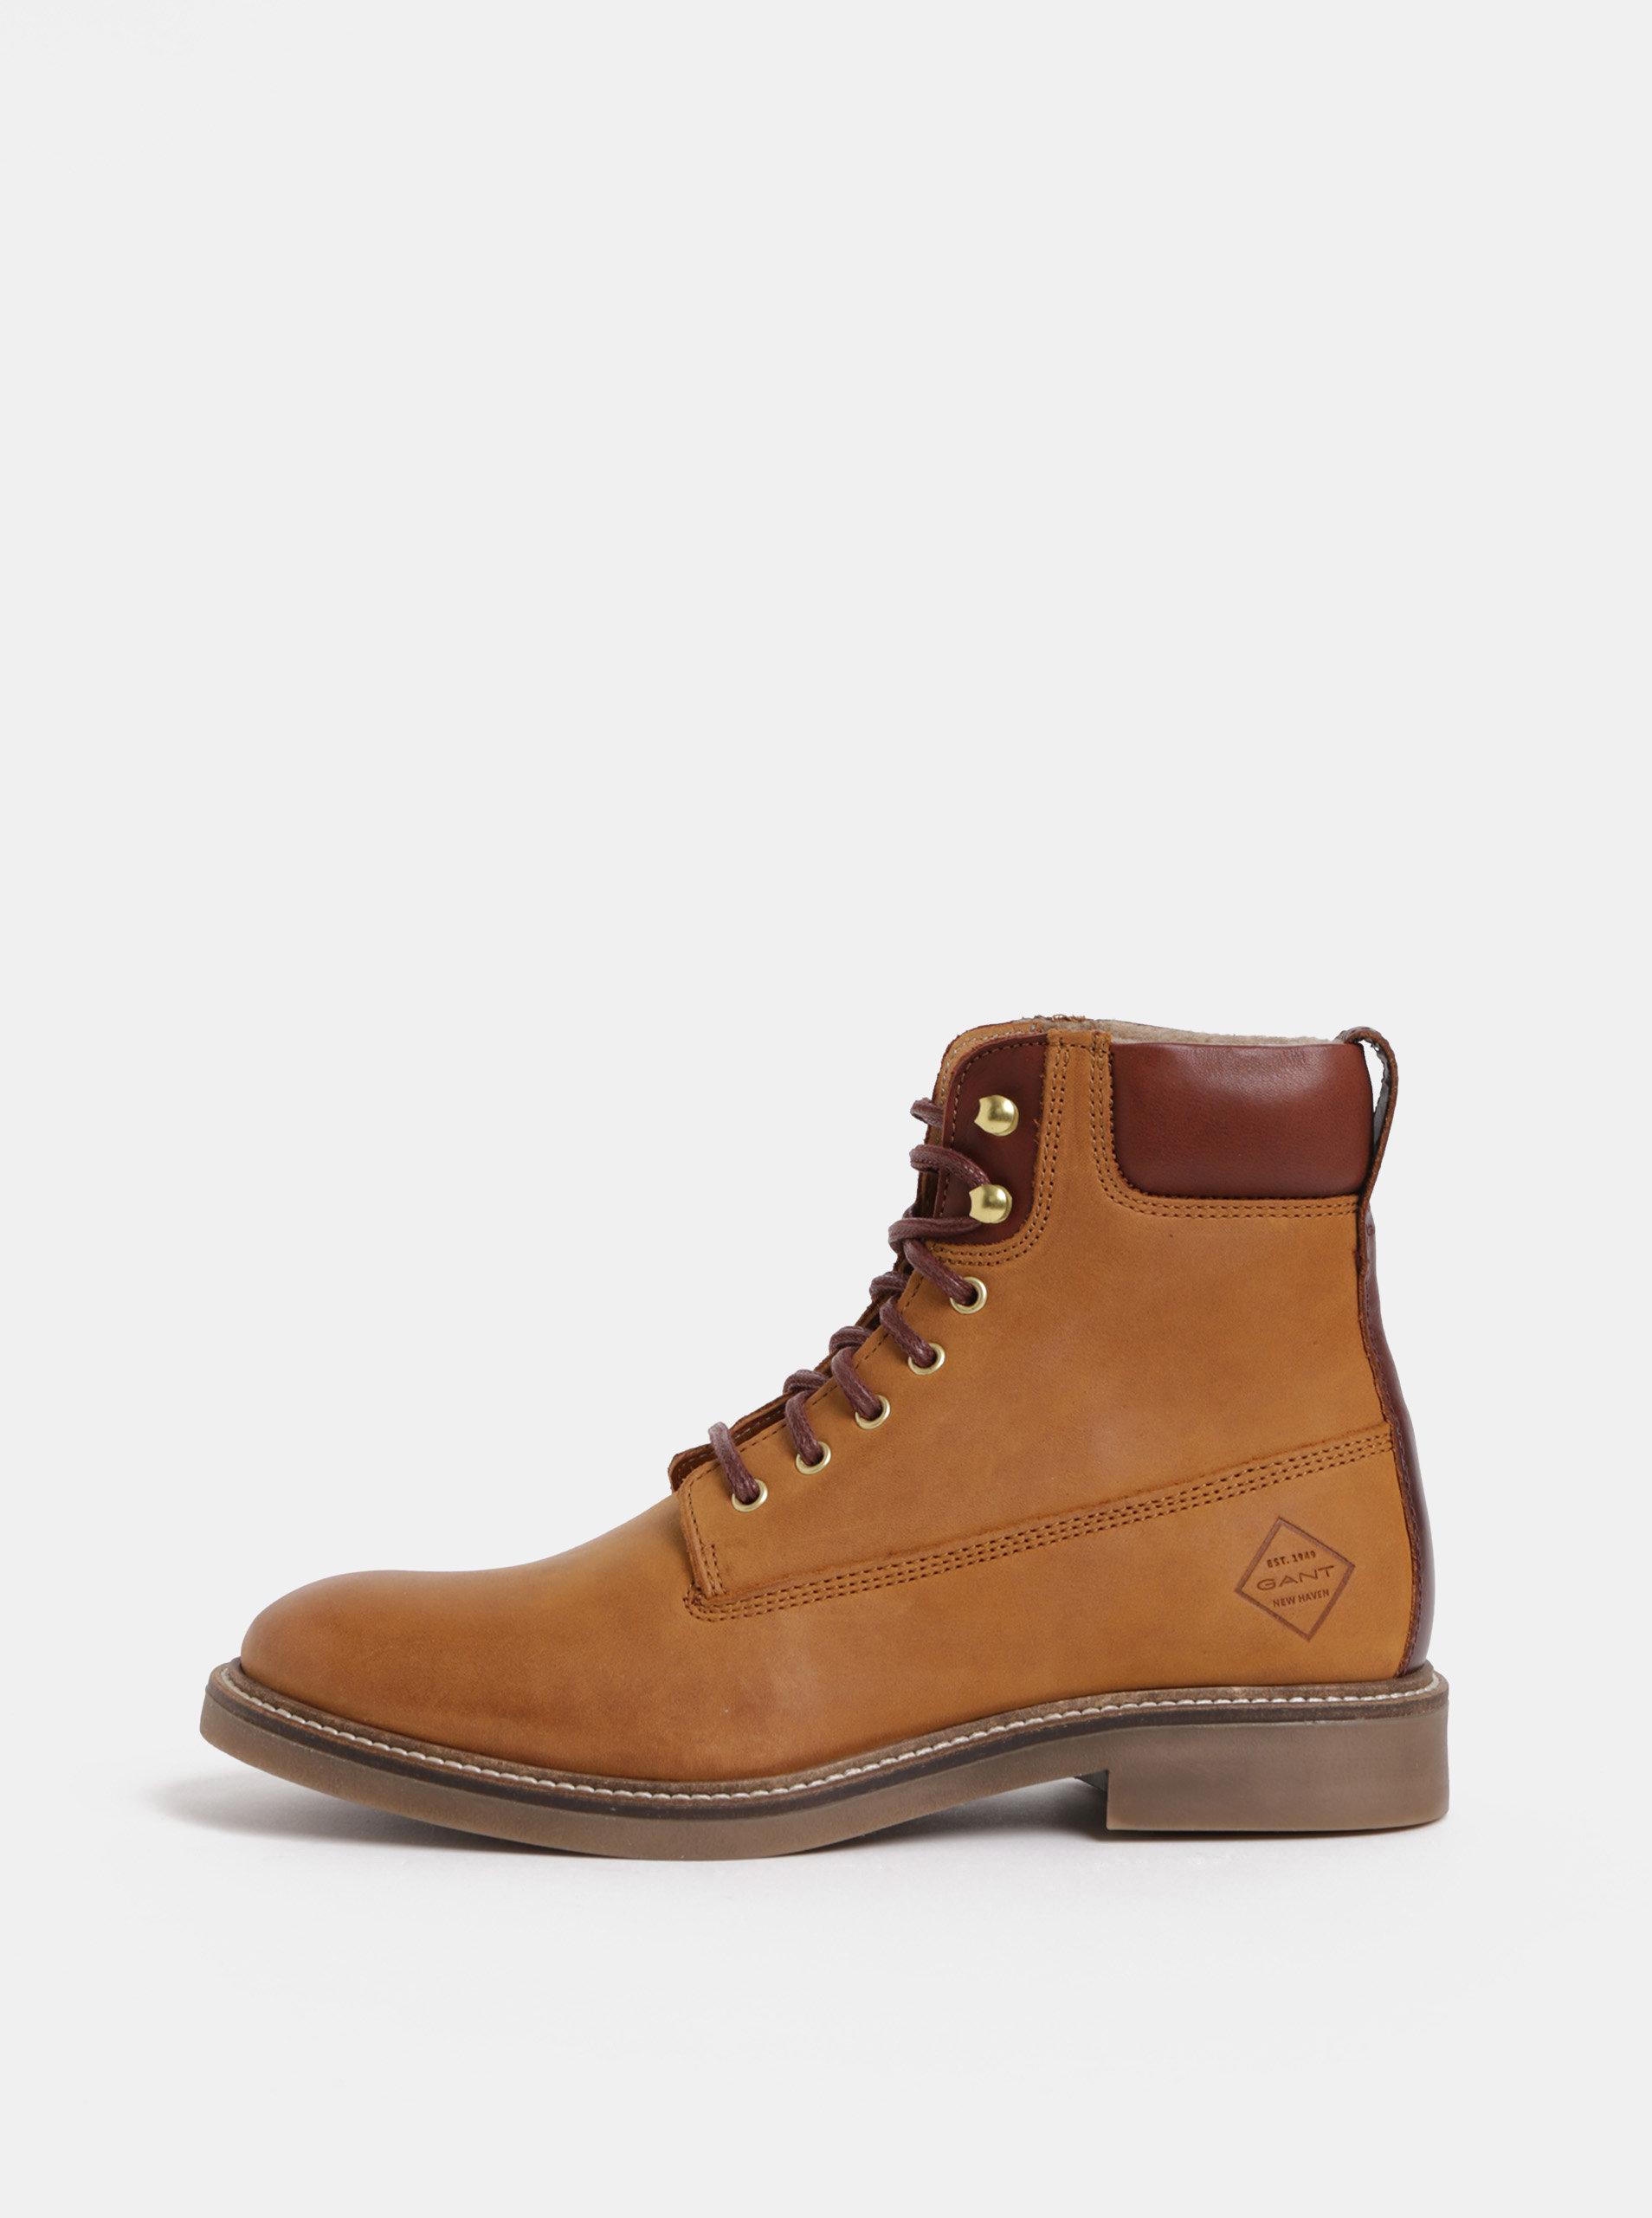 Hnedé dámske kožené členkové zimné topánky GANT Ashley ... 78cf7f0d241